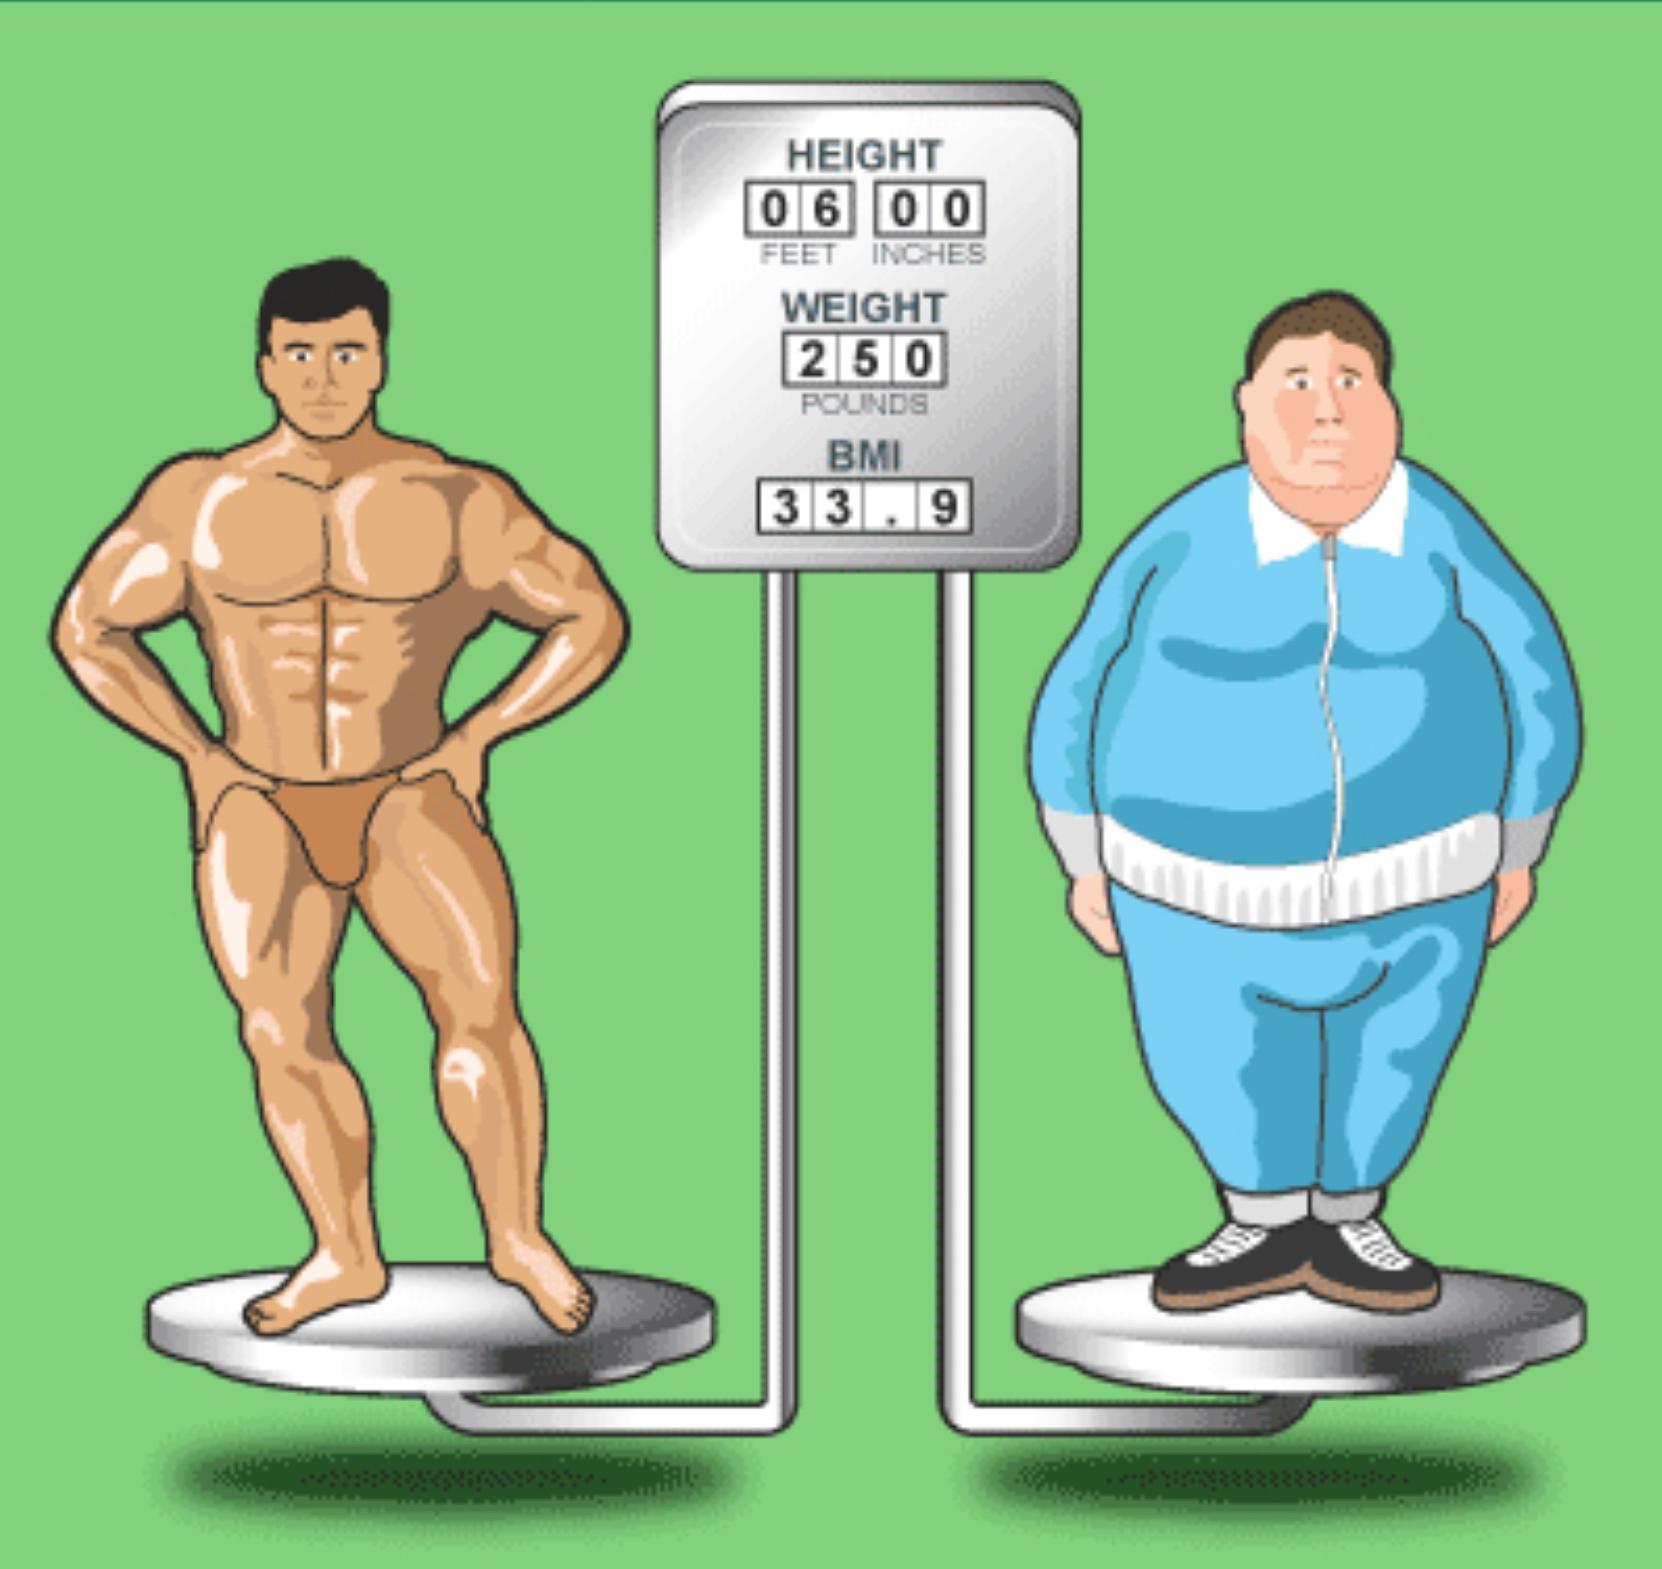 BMI dåligt mått missvisande tar inte hänsyn till faktorer felaktigt kroppssammansättning